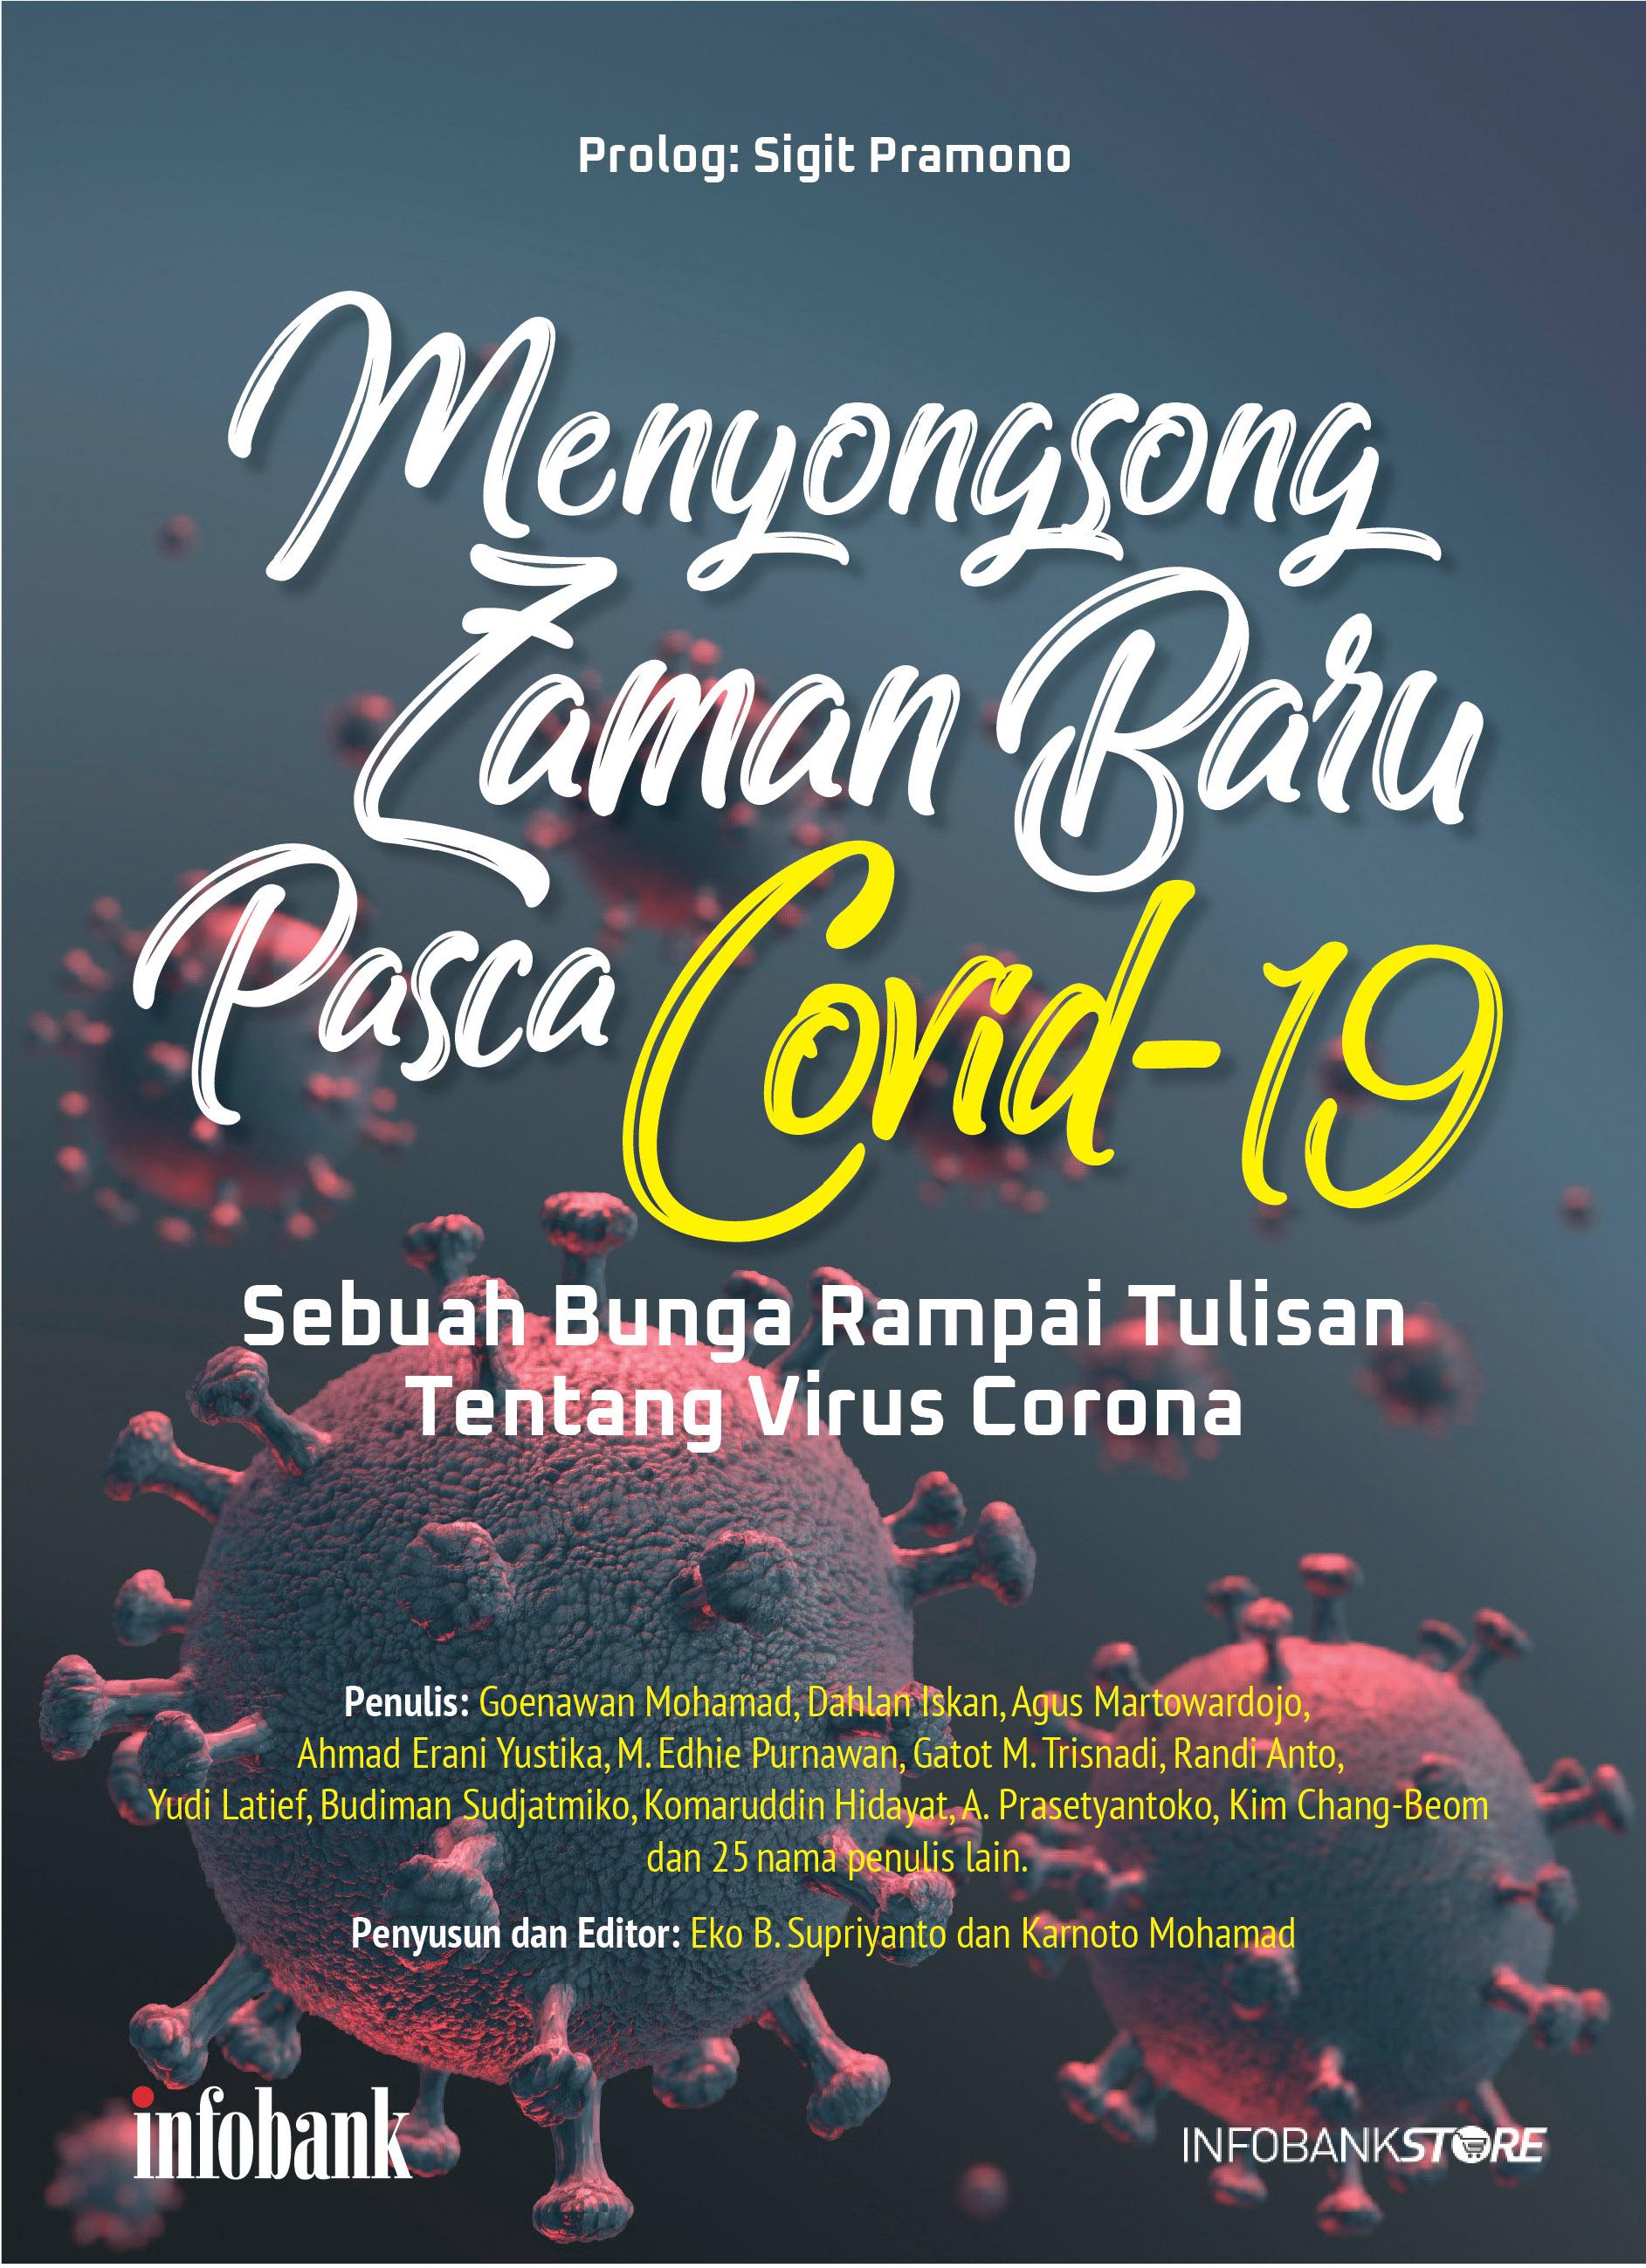 Menyongsong Zaman Baru Pasca Covid-19 (Digital Only)